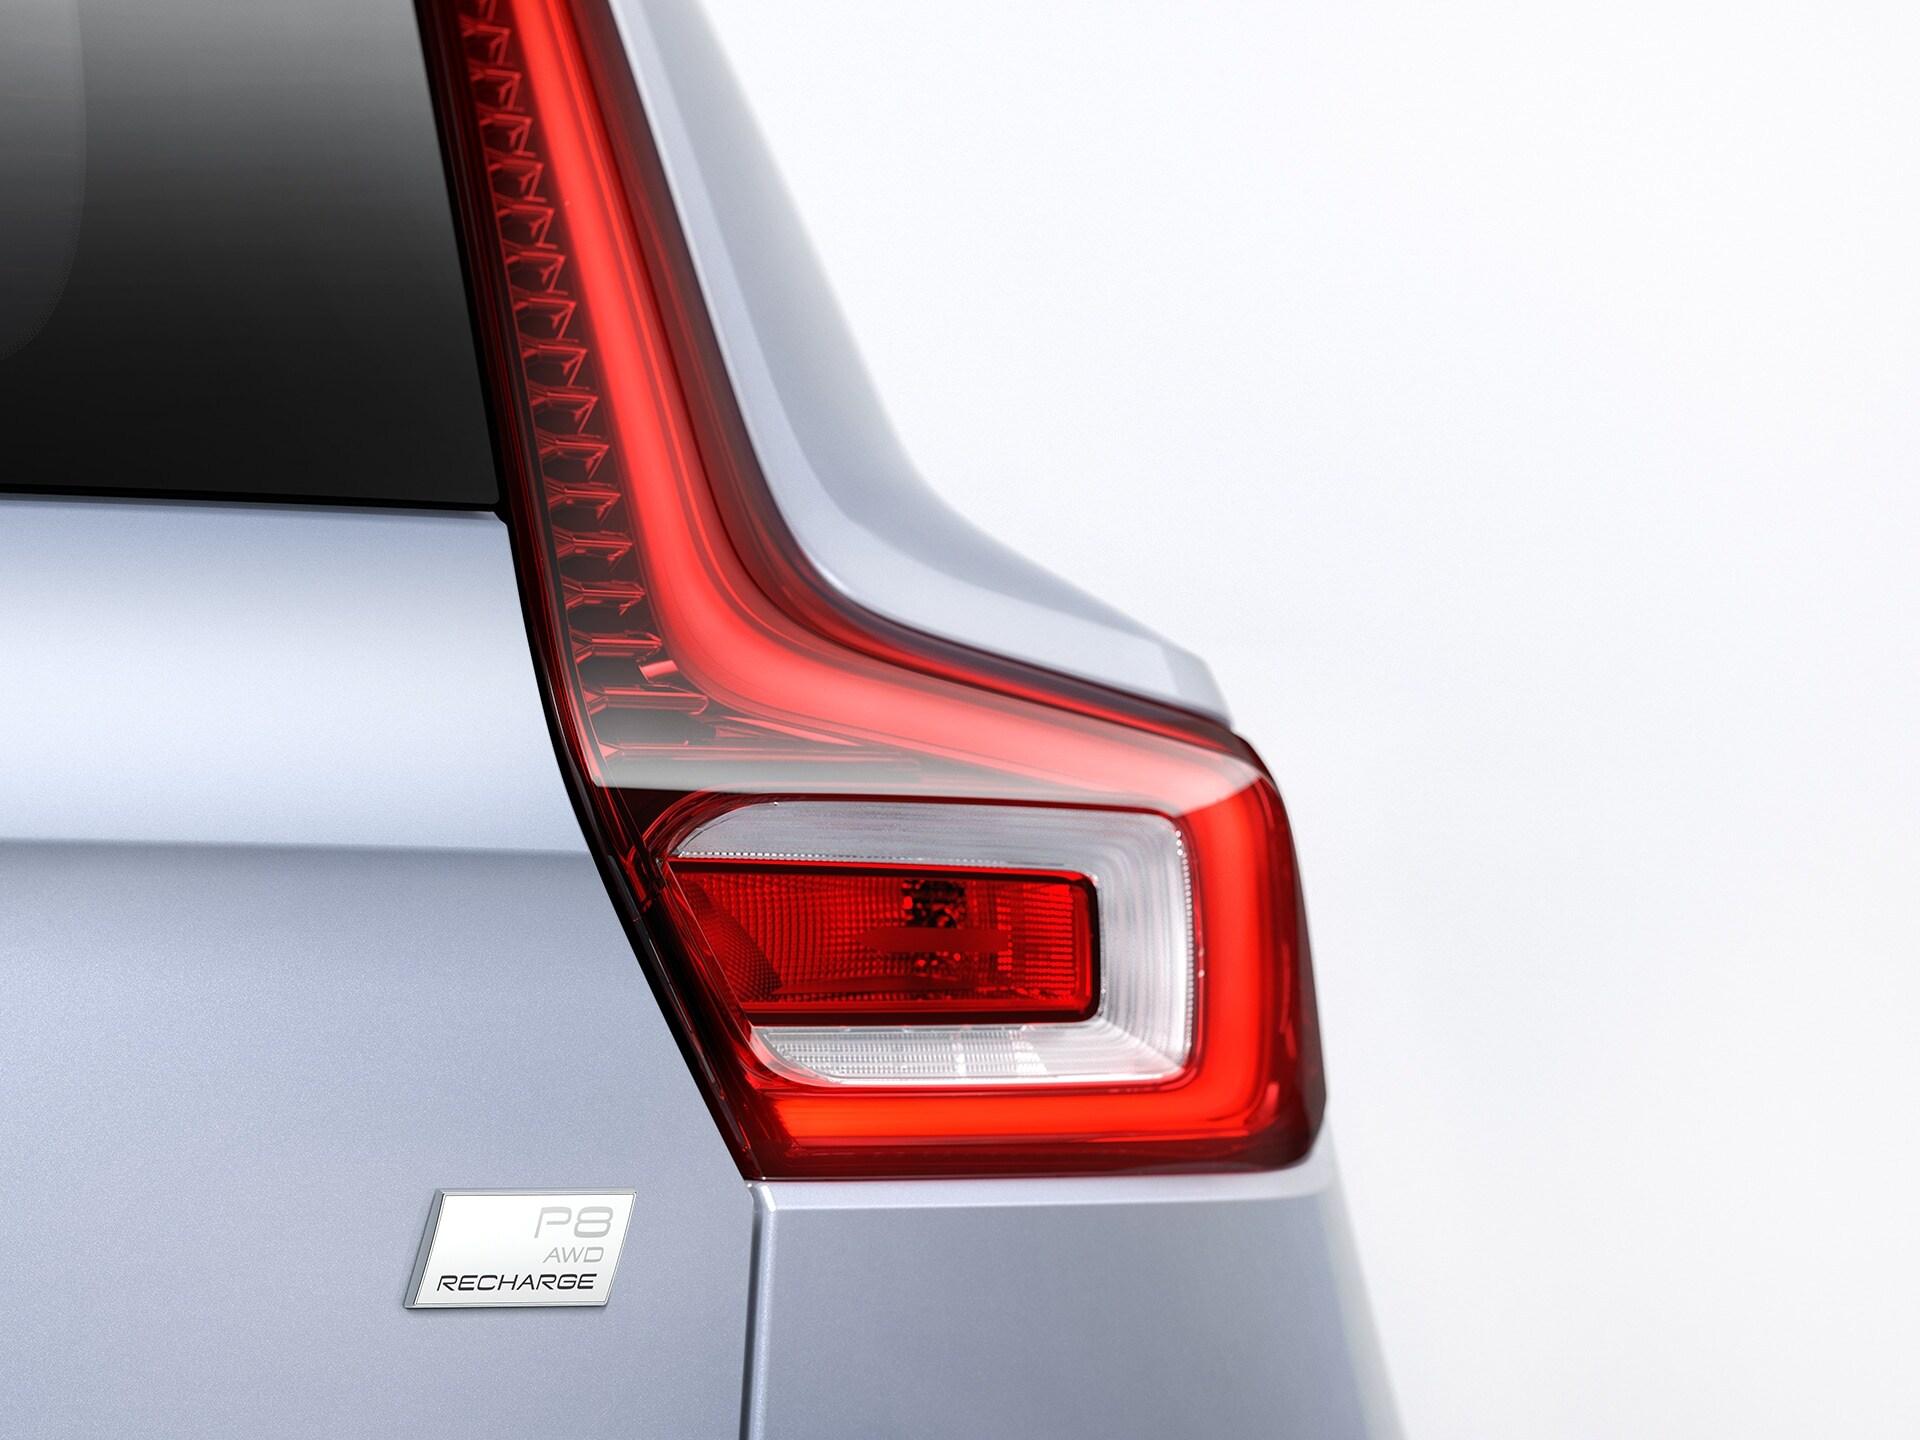 Detalle de la luz trasera derecha y el identificativo Volvo Recharge en un XC40.